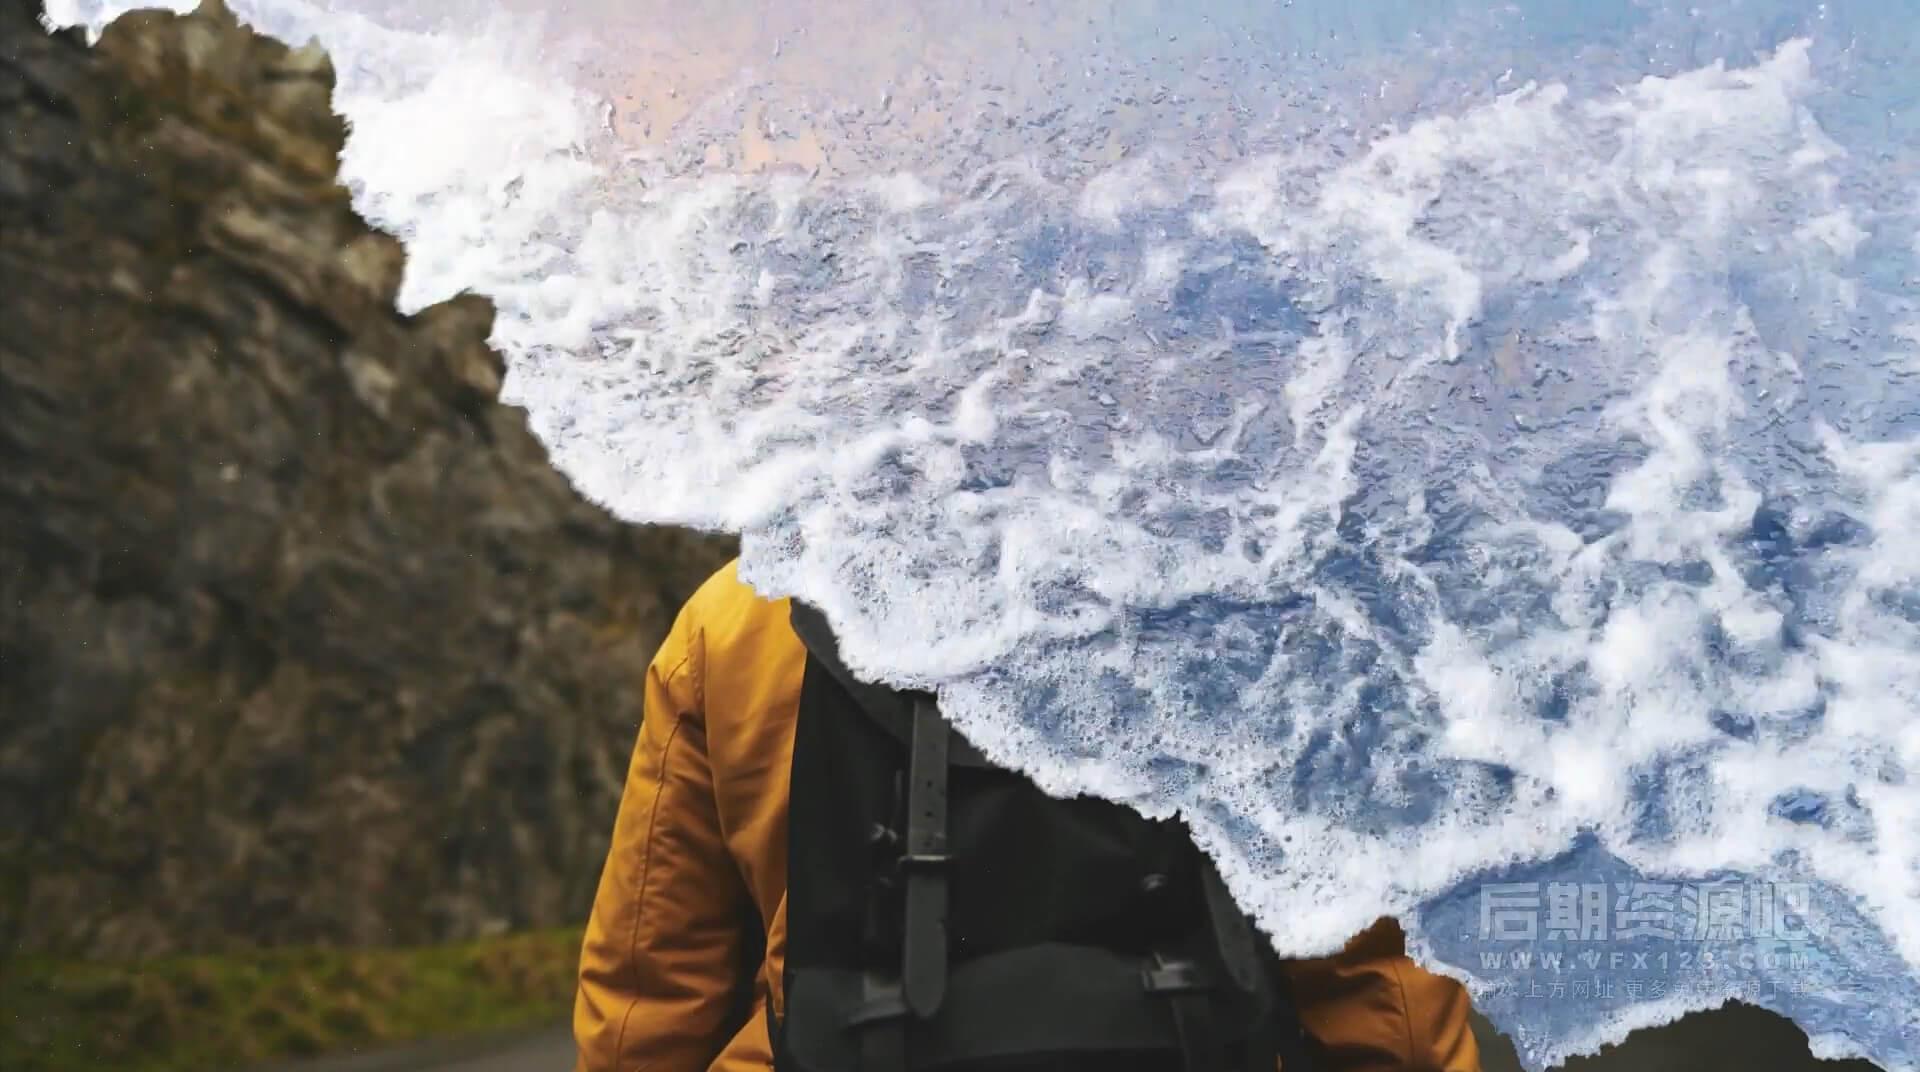 AE模板 10组4K真实海浪过渡转场 带通道视频素材 适用旅拍等影片制作